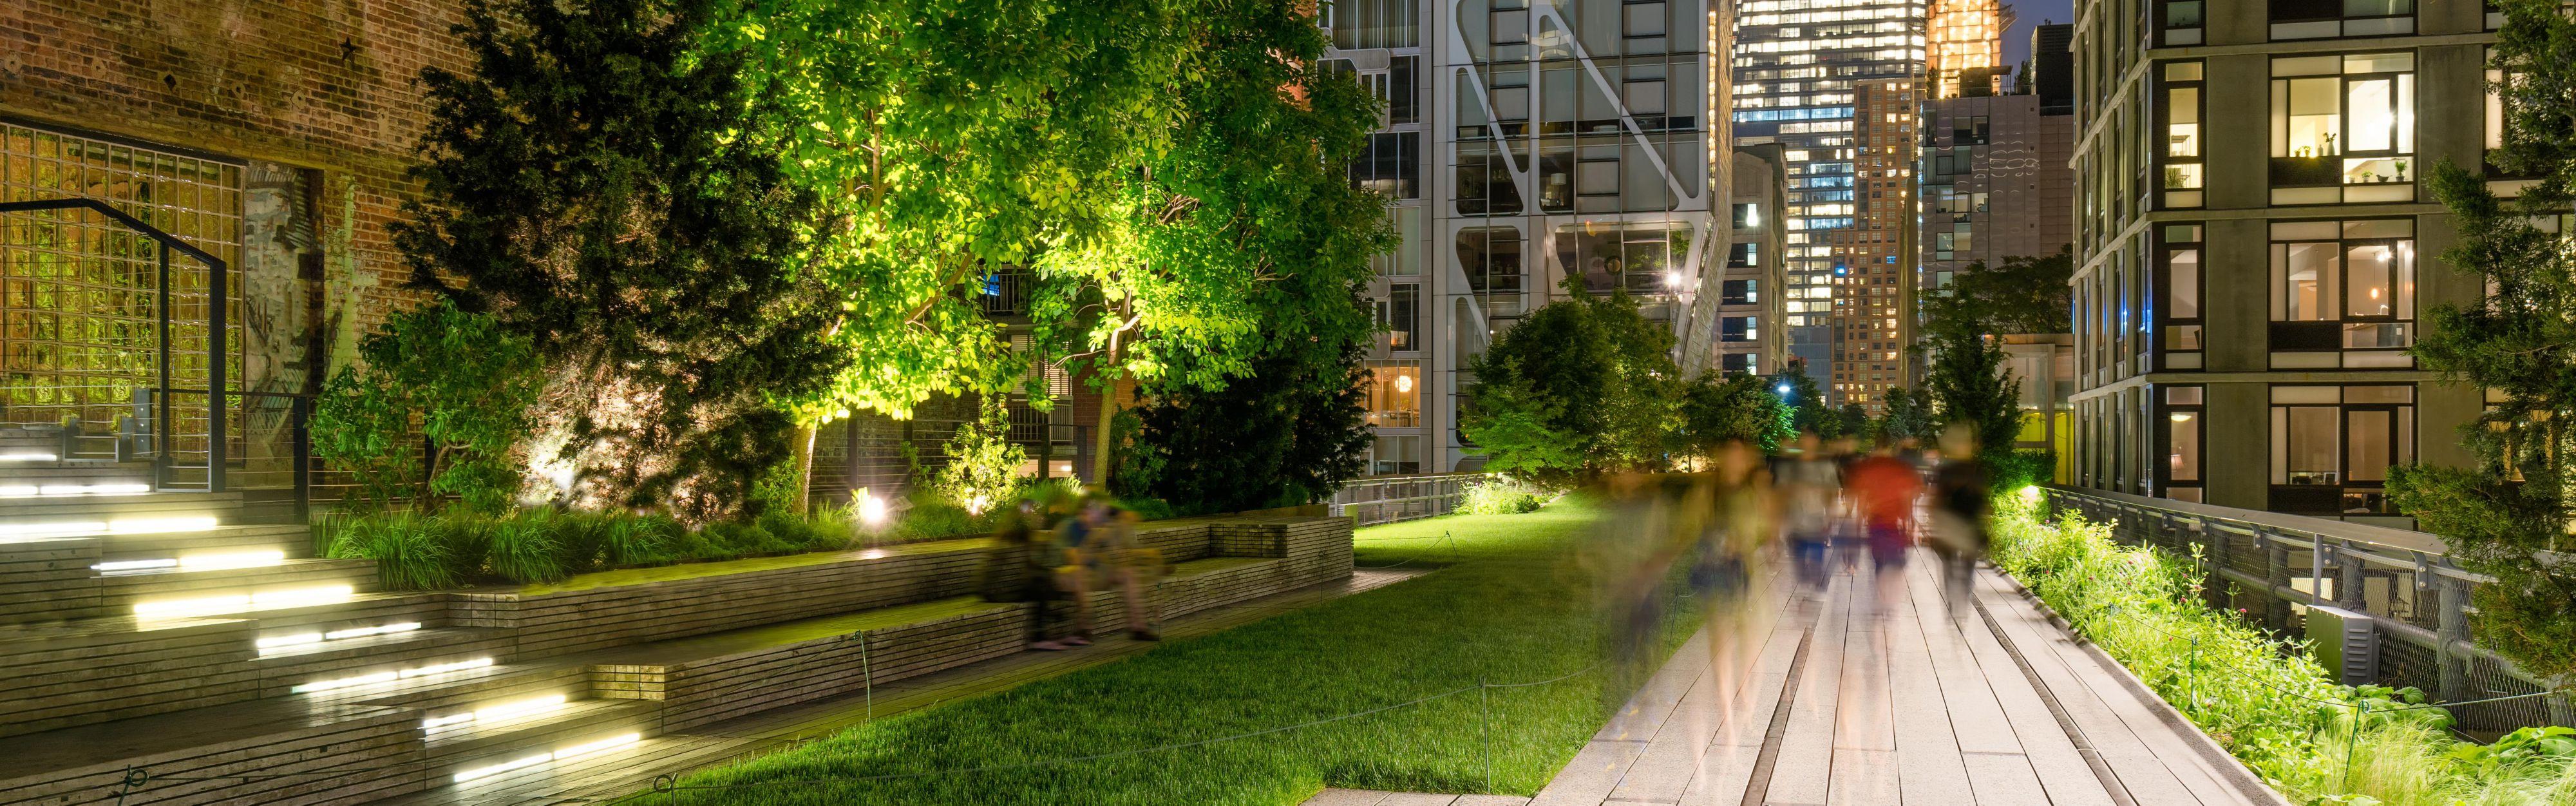 Hotels Near Chelsea Mi Doubletree By Hilton Hotel Princeton Nj